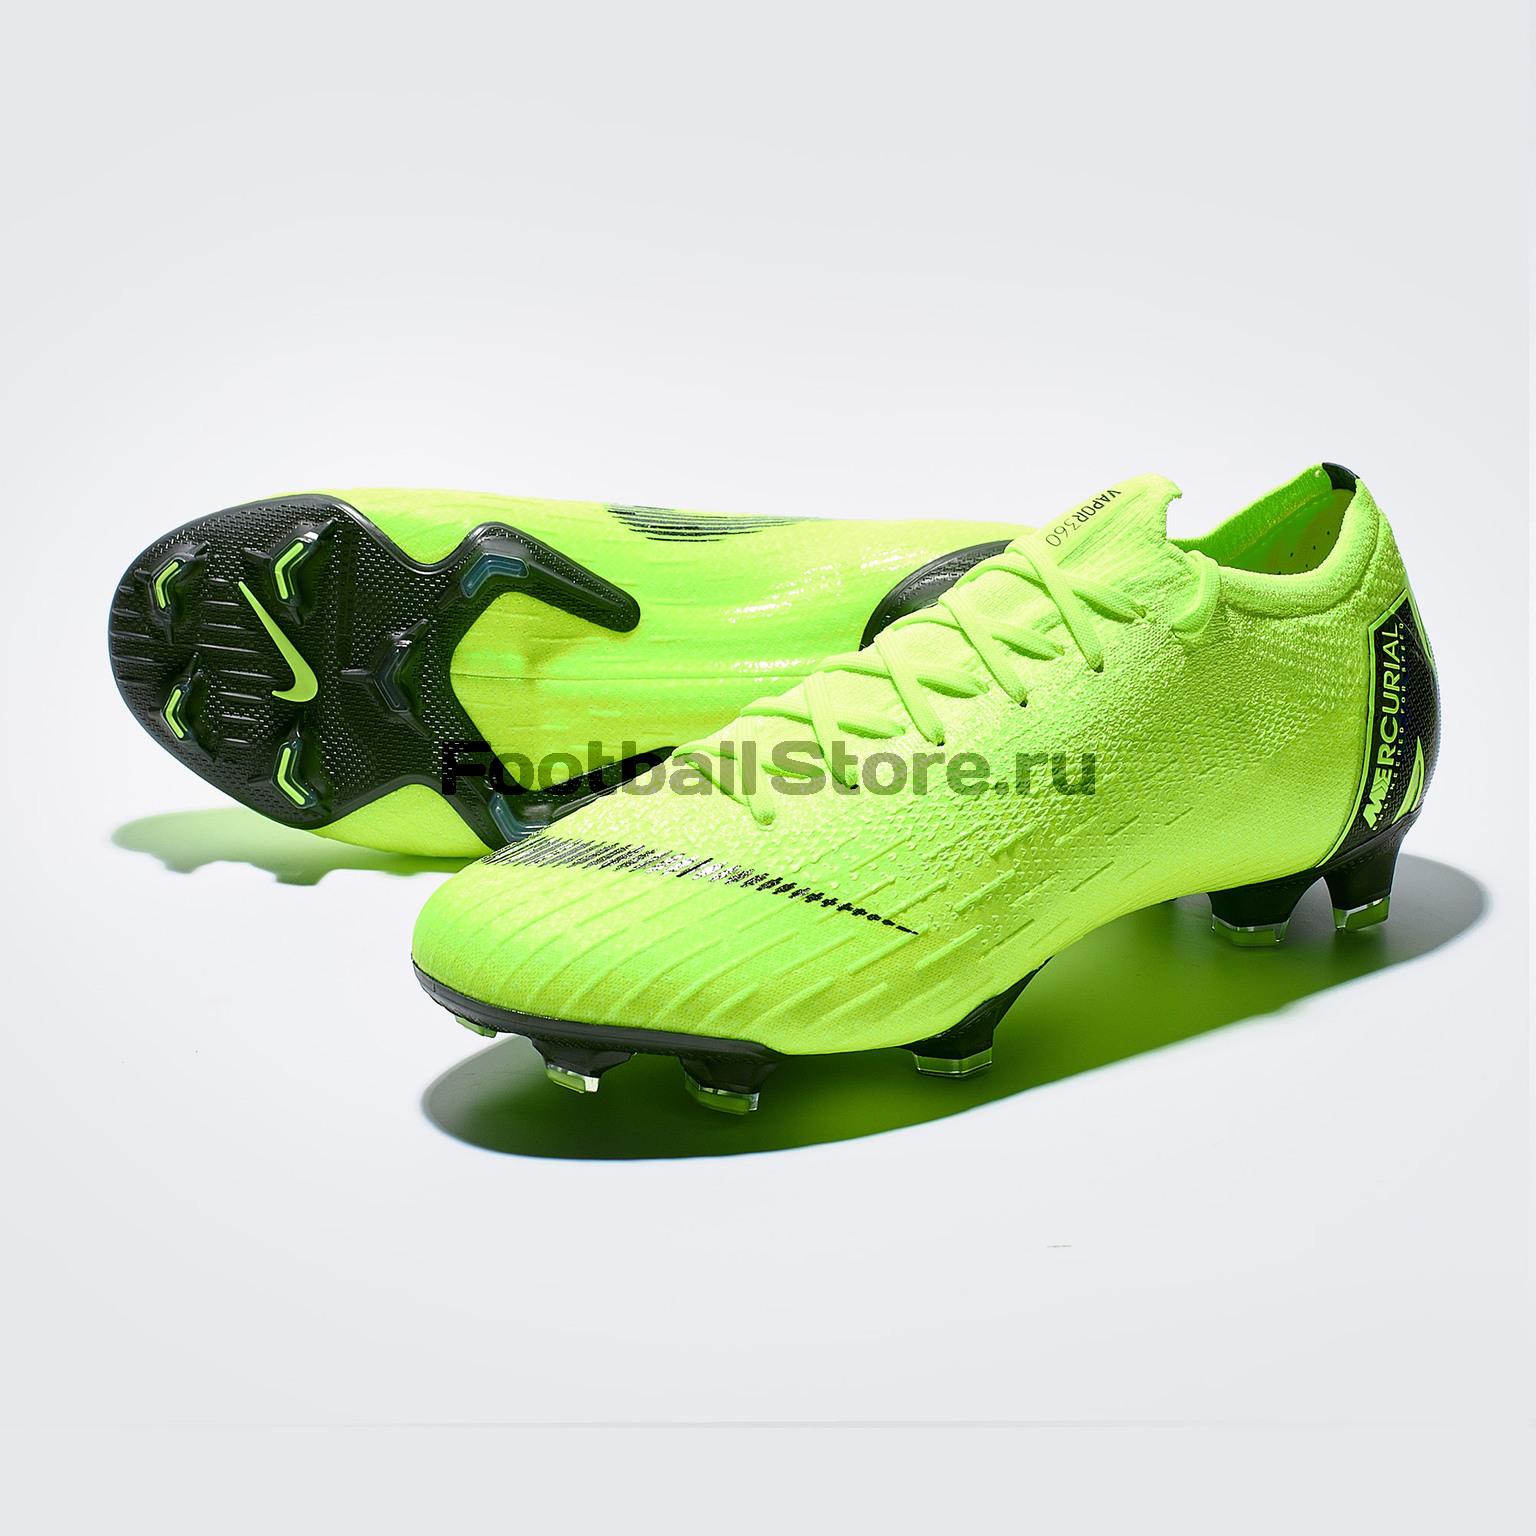 Бутсы Nike Vapor 12 Elite FG AH7380-701 игровые бутсы nike бутсы nike mercurial vapor xi neymar fg 921547 407